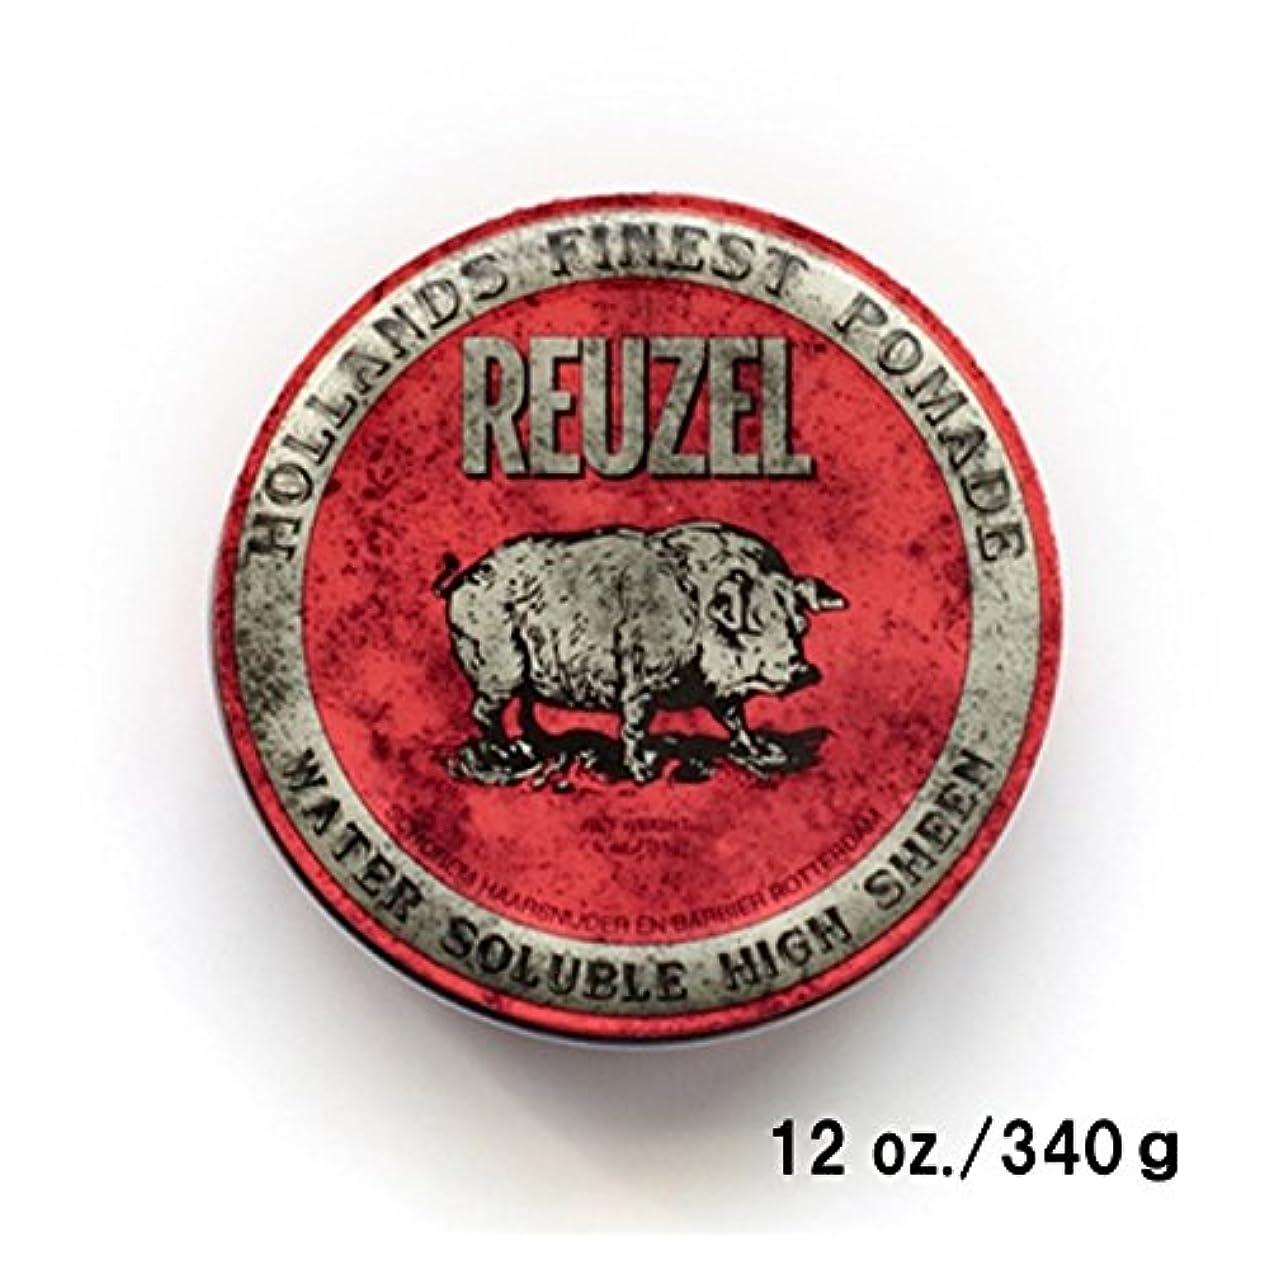 謙虚な残忍な不愉快にREUZEL ルーゾーポマード 12oz.-340g REUZEL HIGH SHEEN/RED (水性)<水溶性: ノーマルホールド>